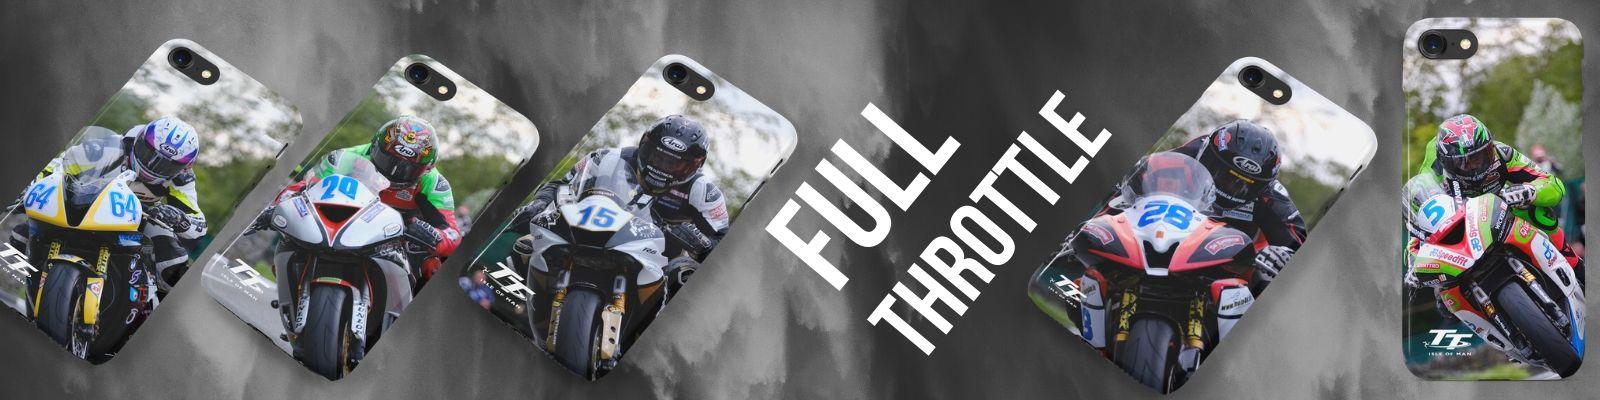 Full Throttle - Isle of Man TT Phone Cases